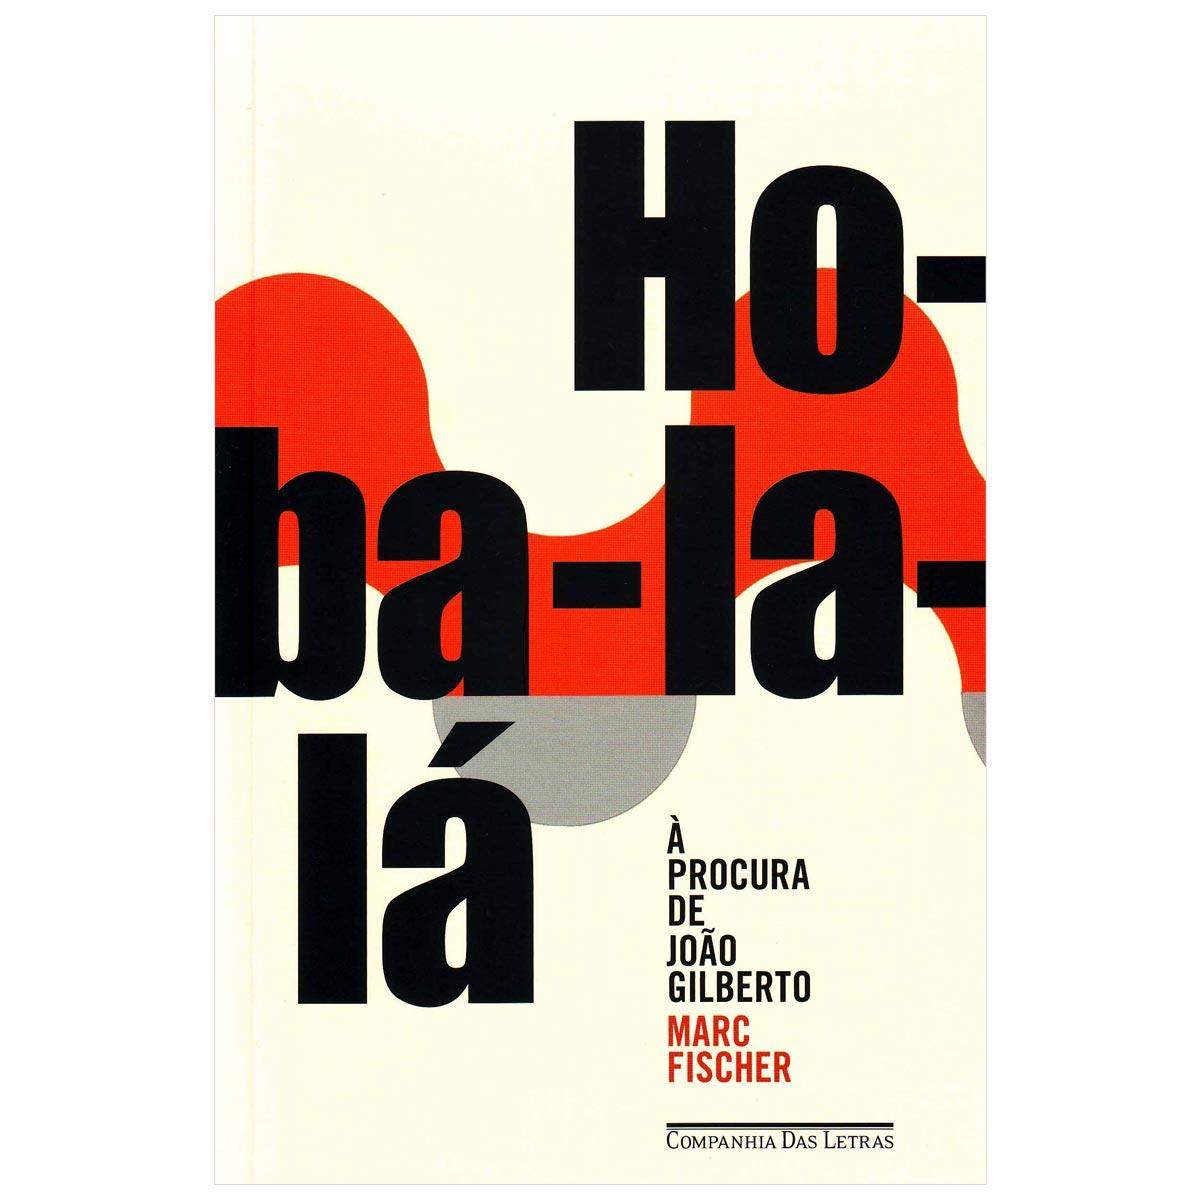 Livro Ho-Ba-La-Lá A Procura de João Gilberto